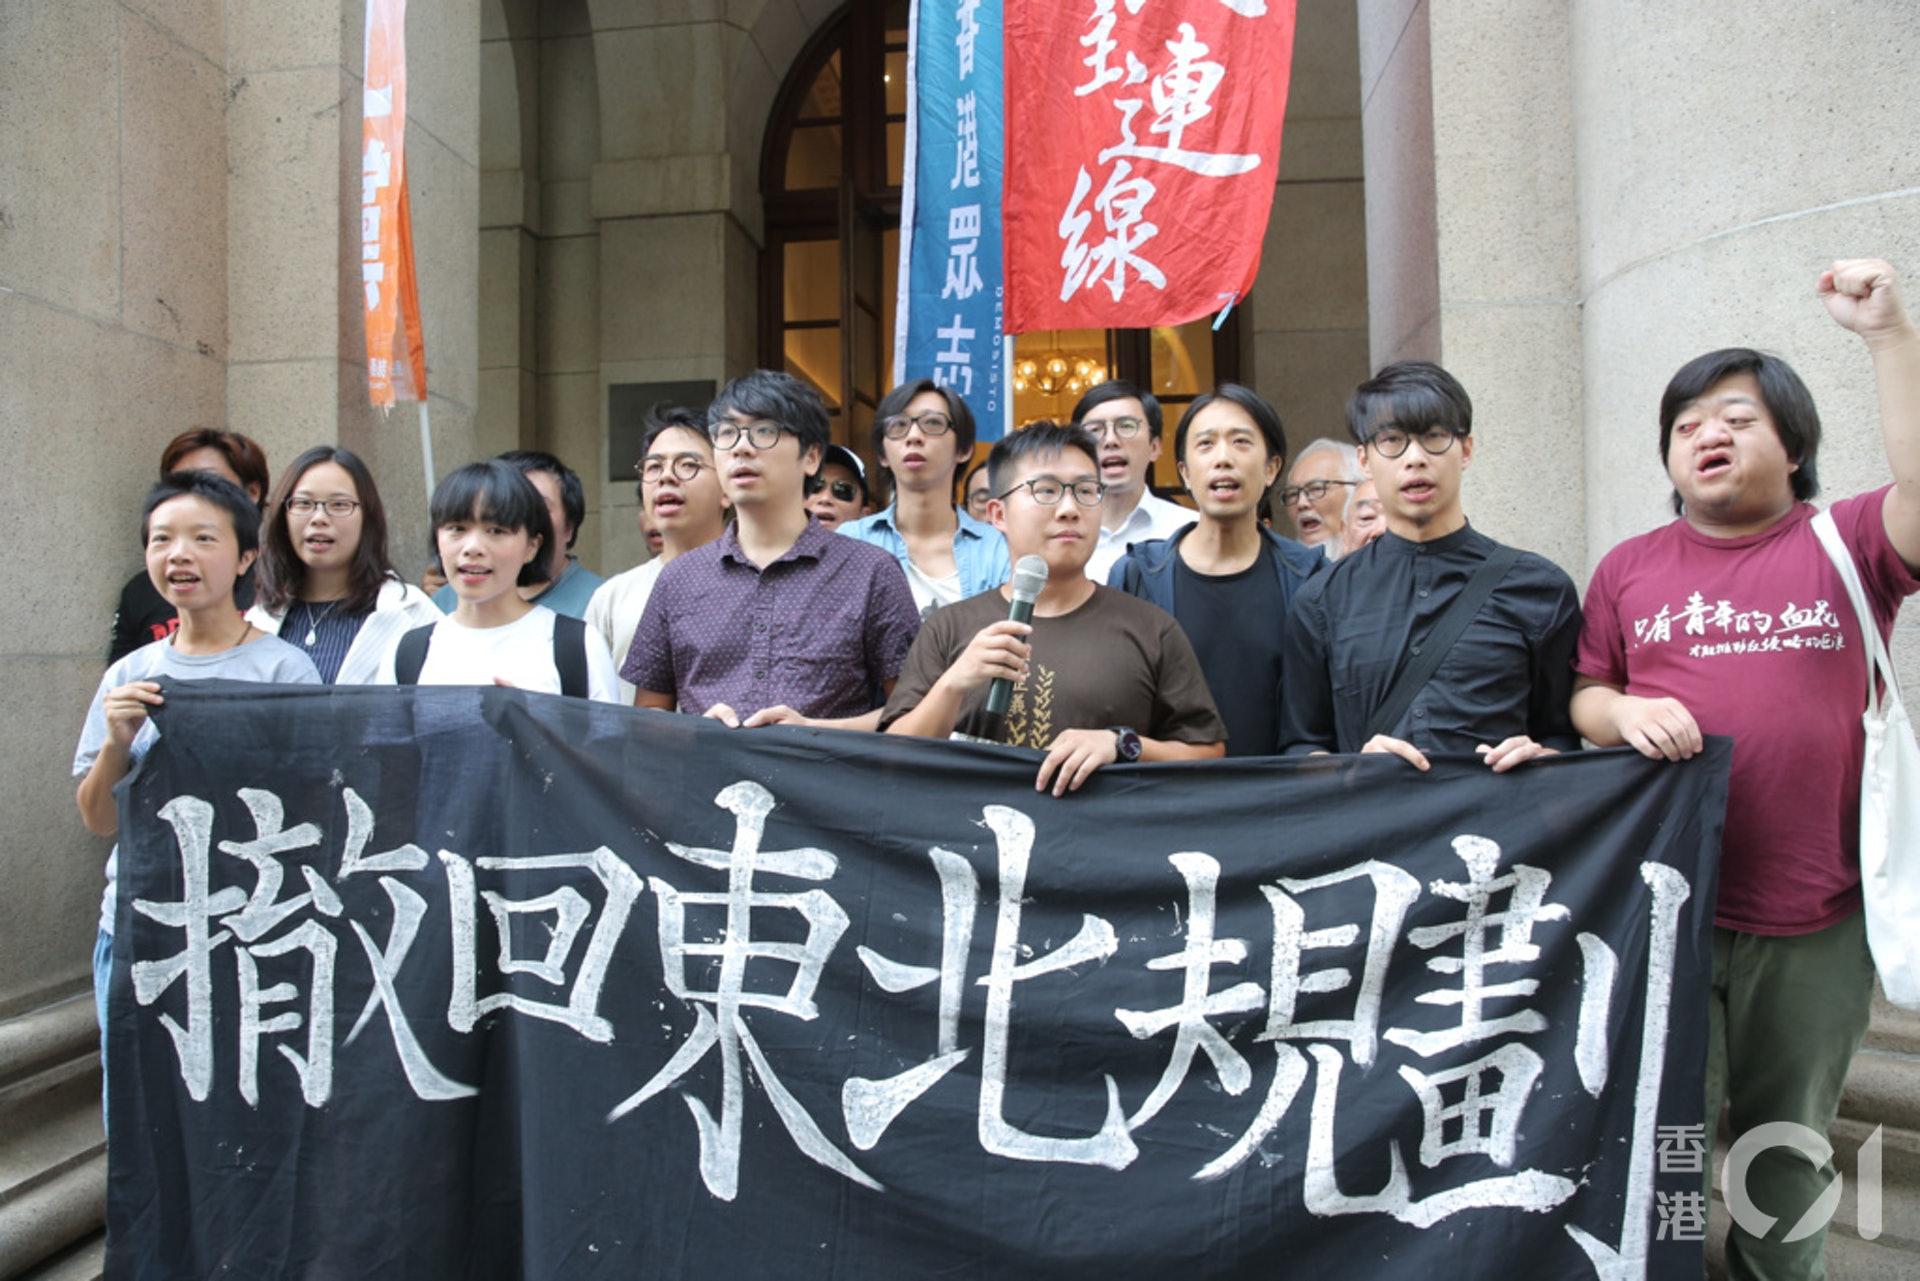 立法會財委會2014年審議新界東北前期工程撥款,大批示威者到場示威,被起訴後上訴得直。(資料圖片/林若勤攝)